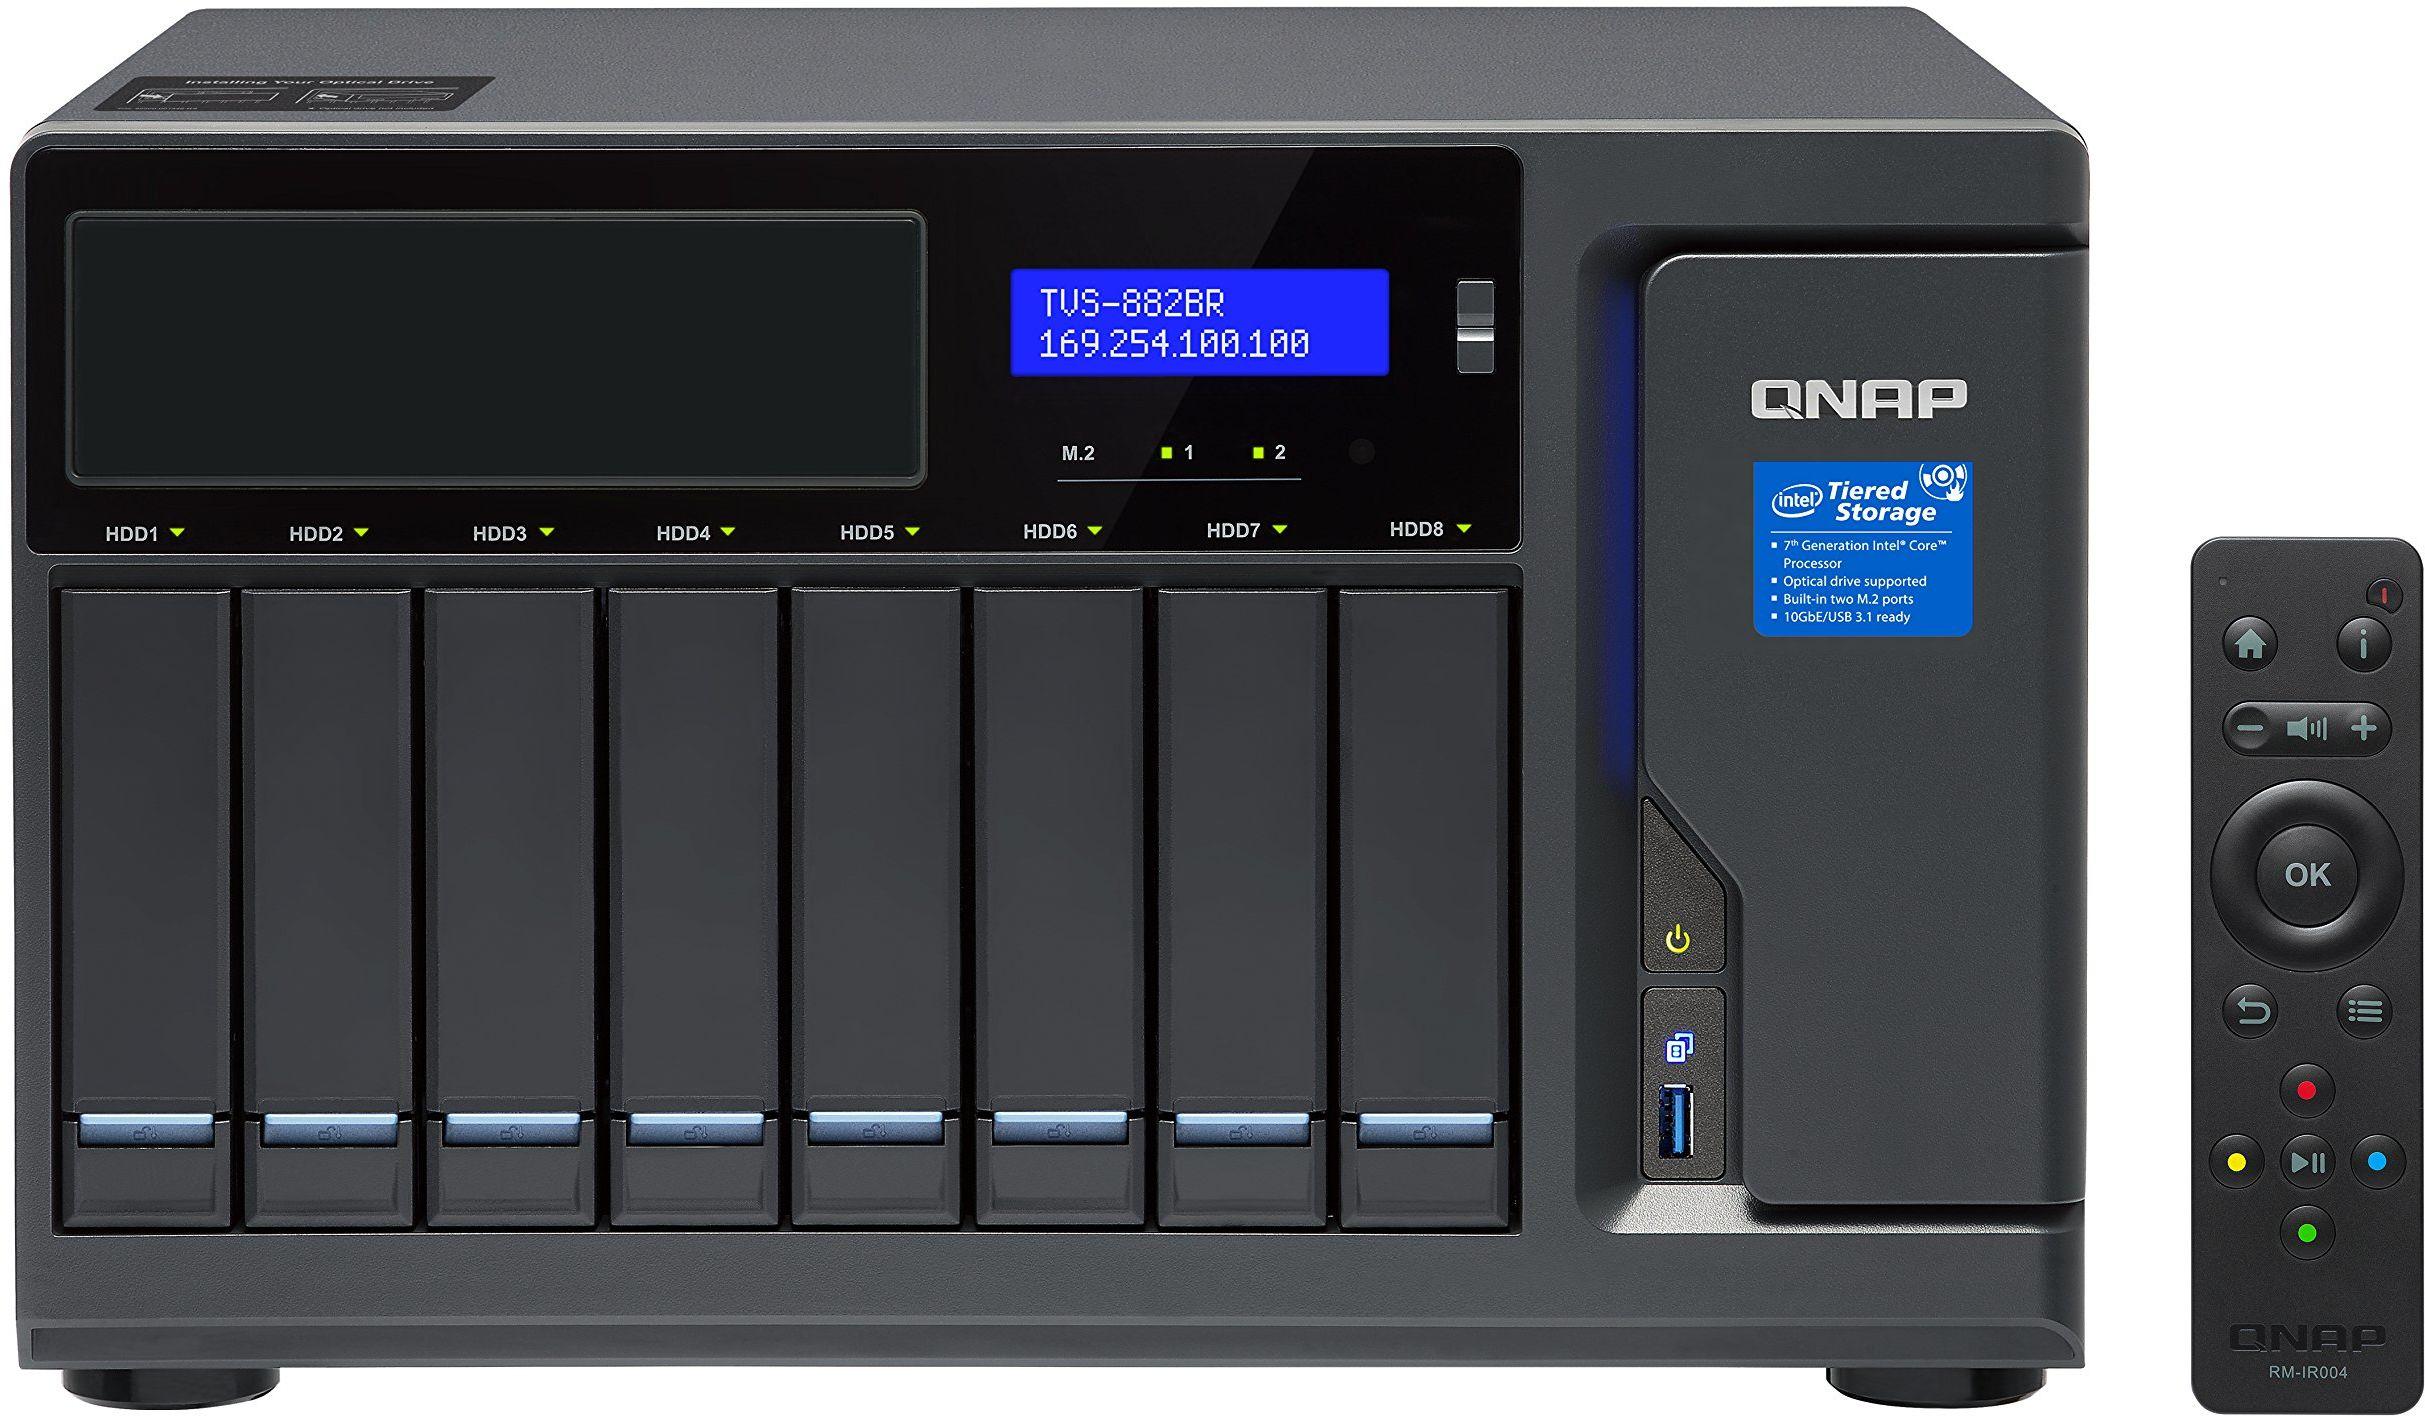 QNAP TVS-882BR-i5-16G; kopia zapasowa Blu-ray RDX NAS, odtwarzanie kopii zapasowych dysków, odtwarzanie wideo i udostępnianie plików.